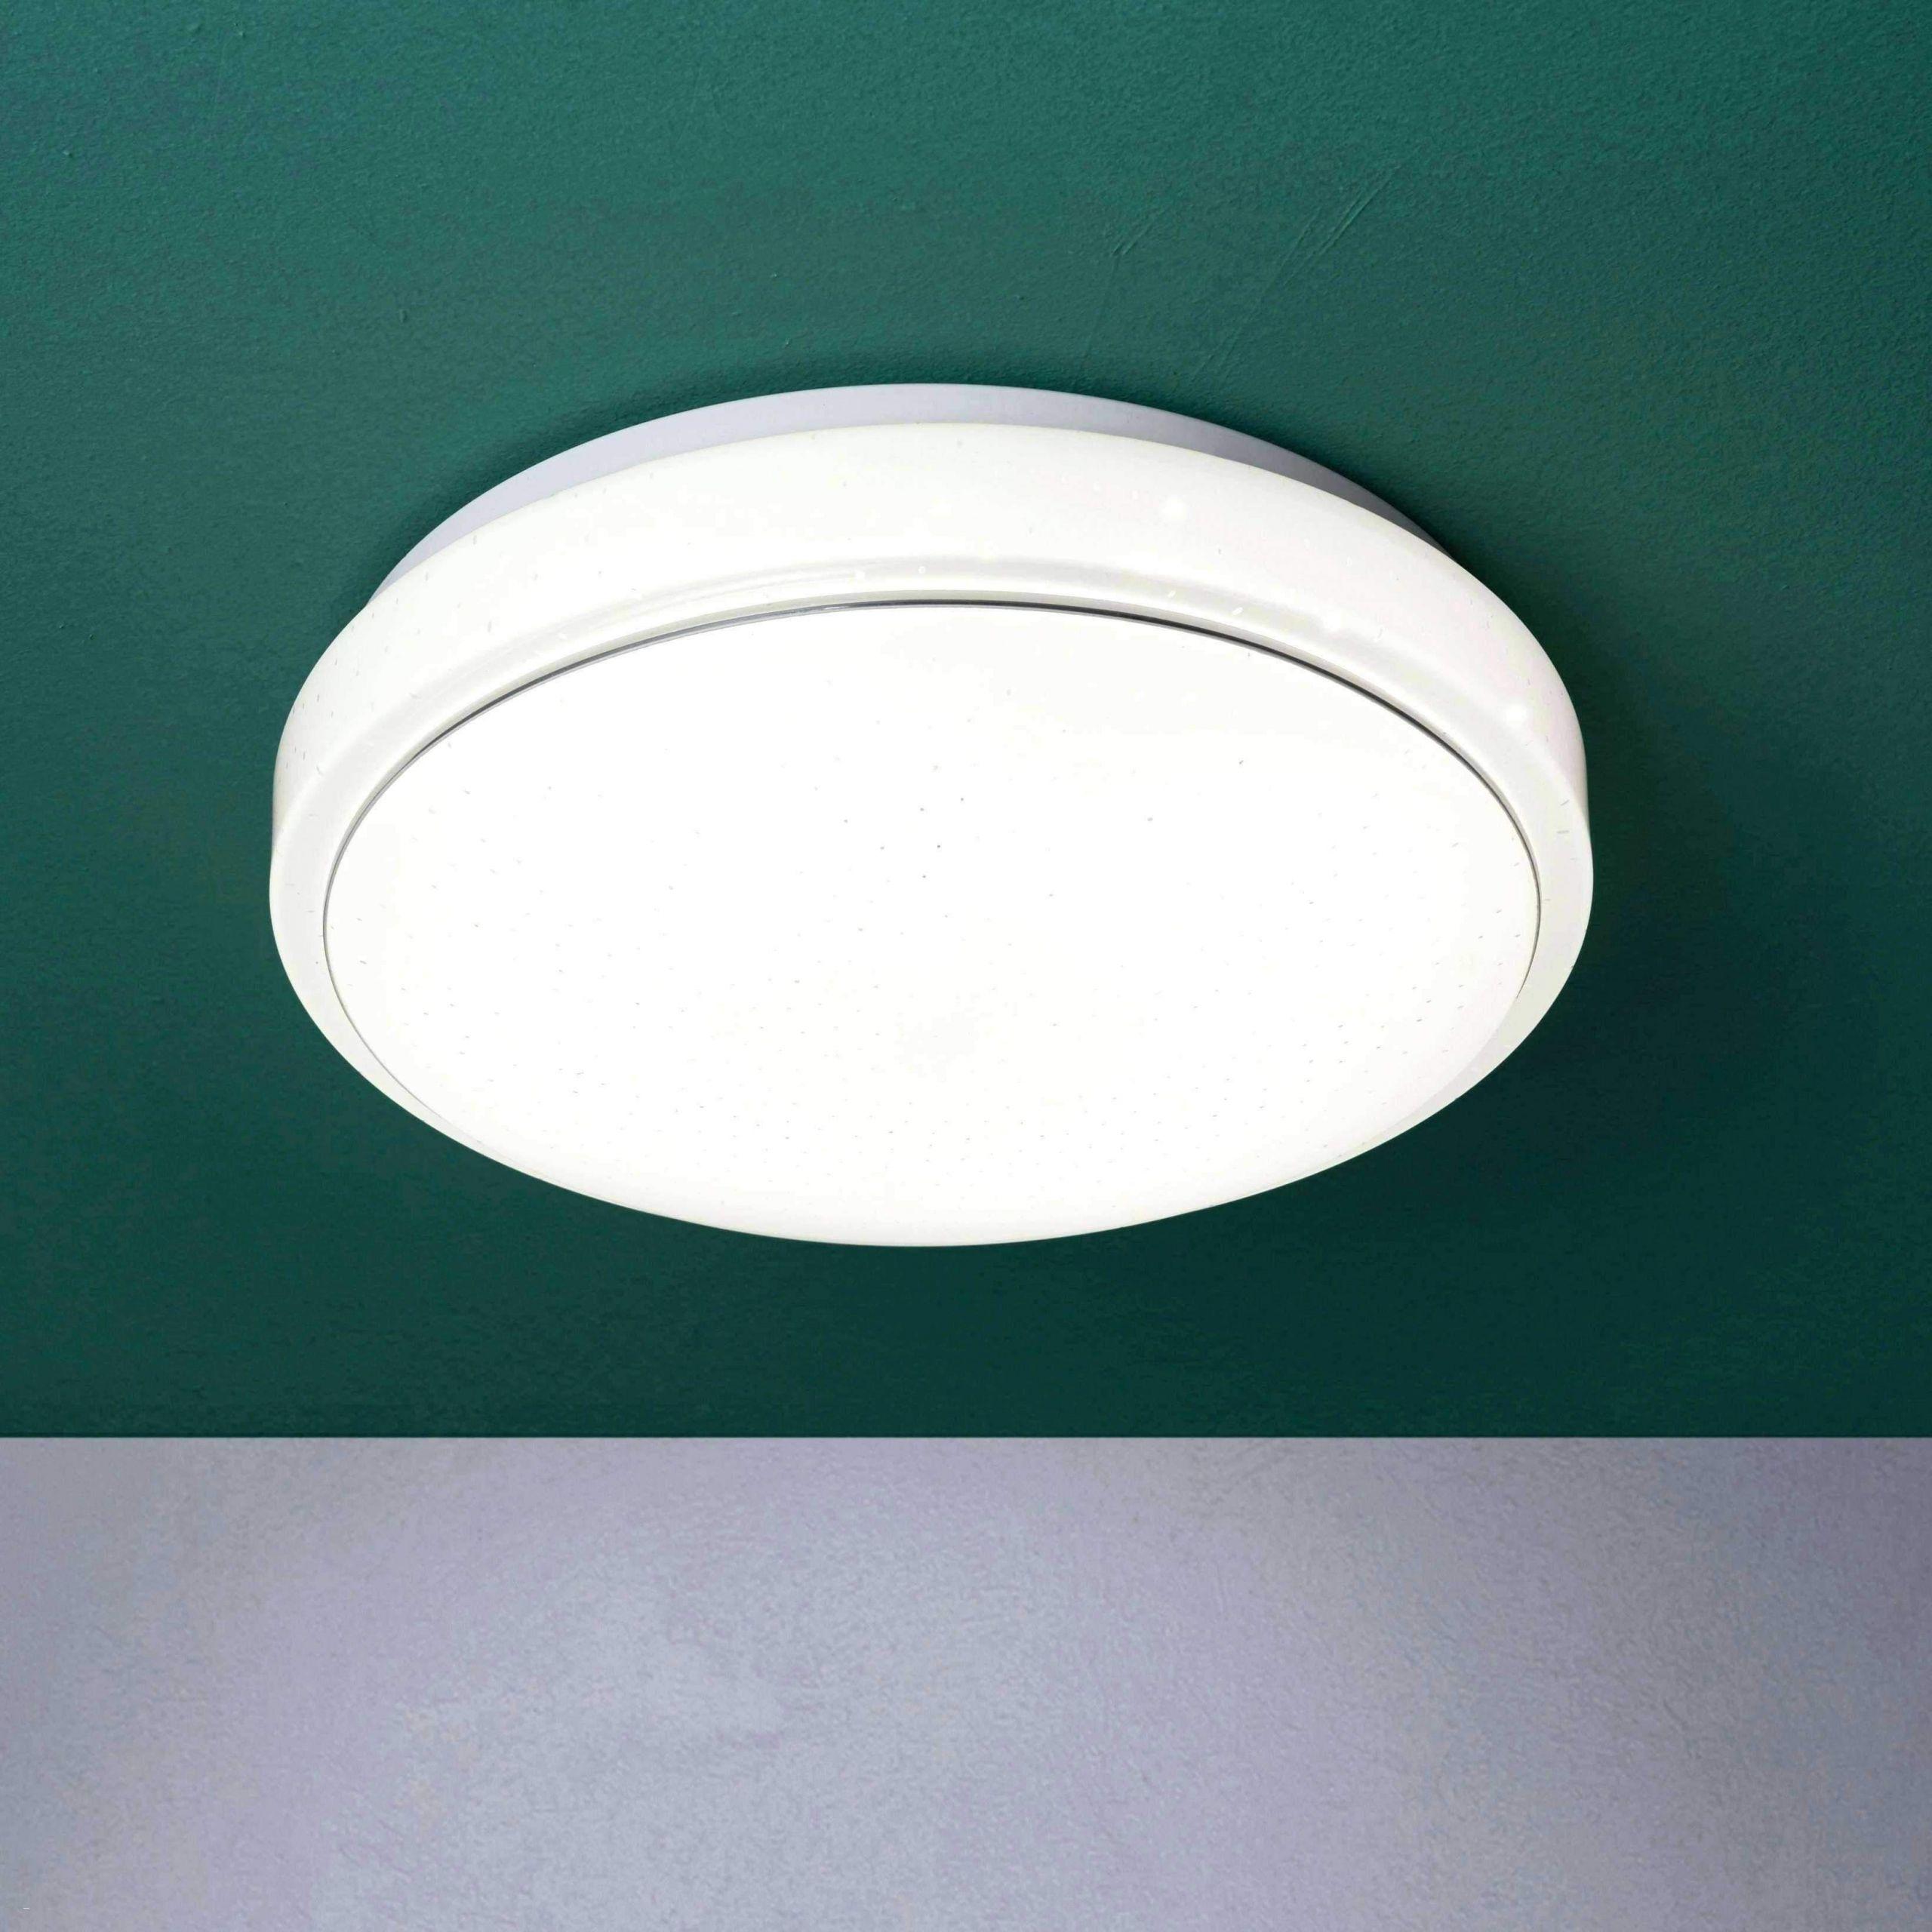 wohnzimmer leuchten elegant 40 beste von wohnzimmer lampen ideen meinung of wohnzimmer leuchten